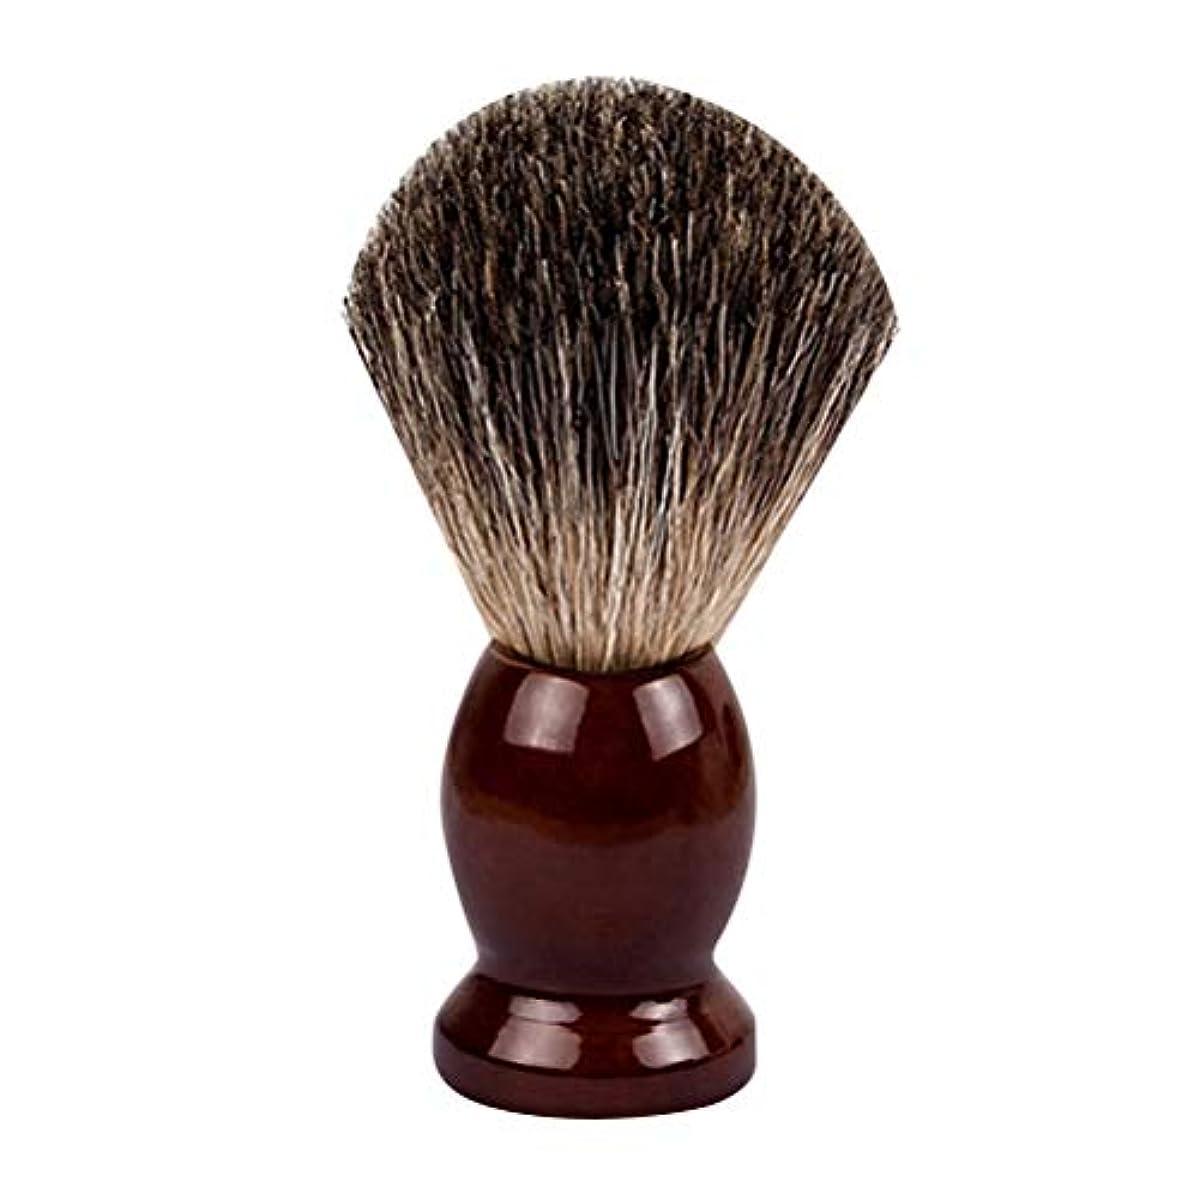 滅多休日配送Lurrose ひげ ブラシ シェービング ブラシ ウッドハンドル ヘア サロンツール 男性用